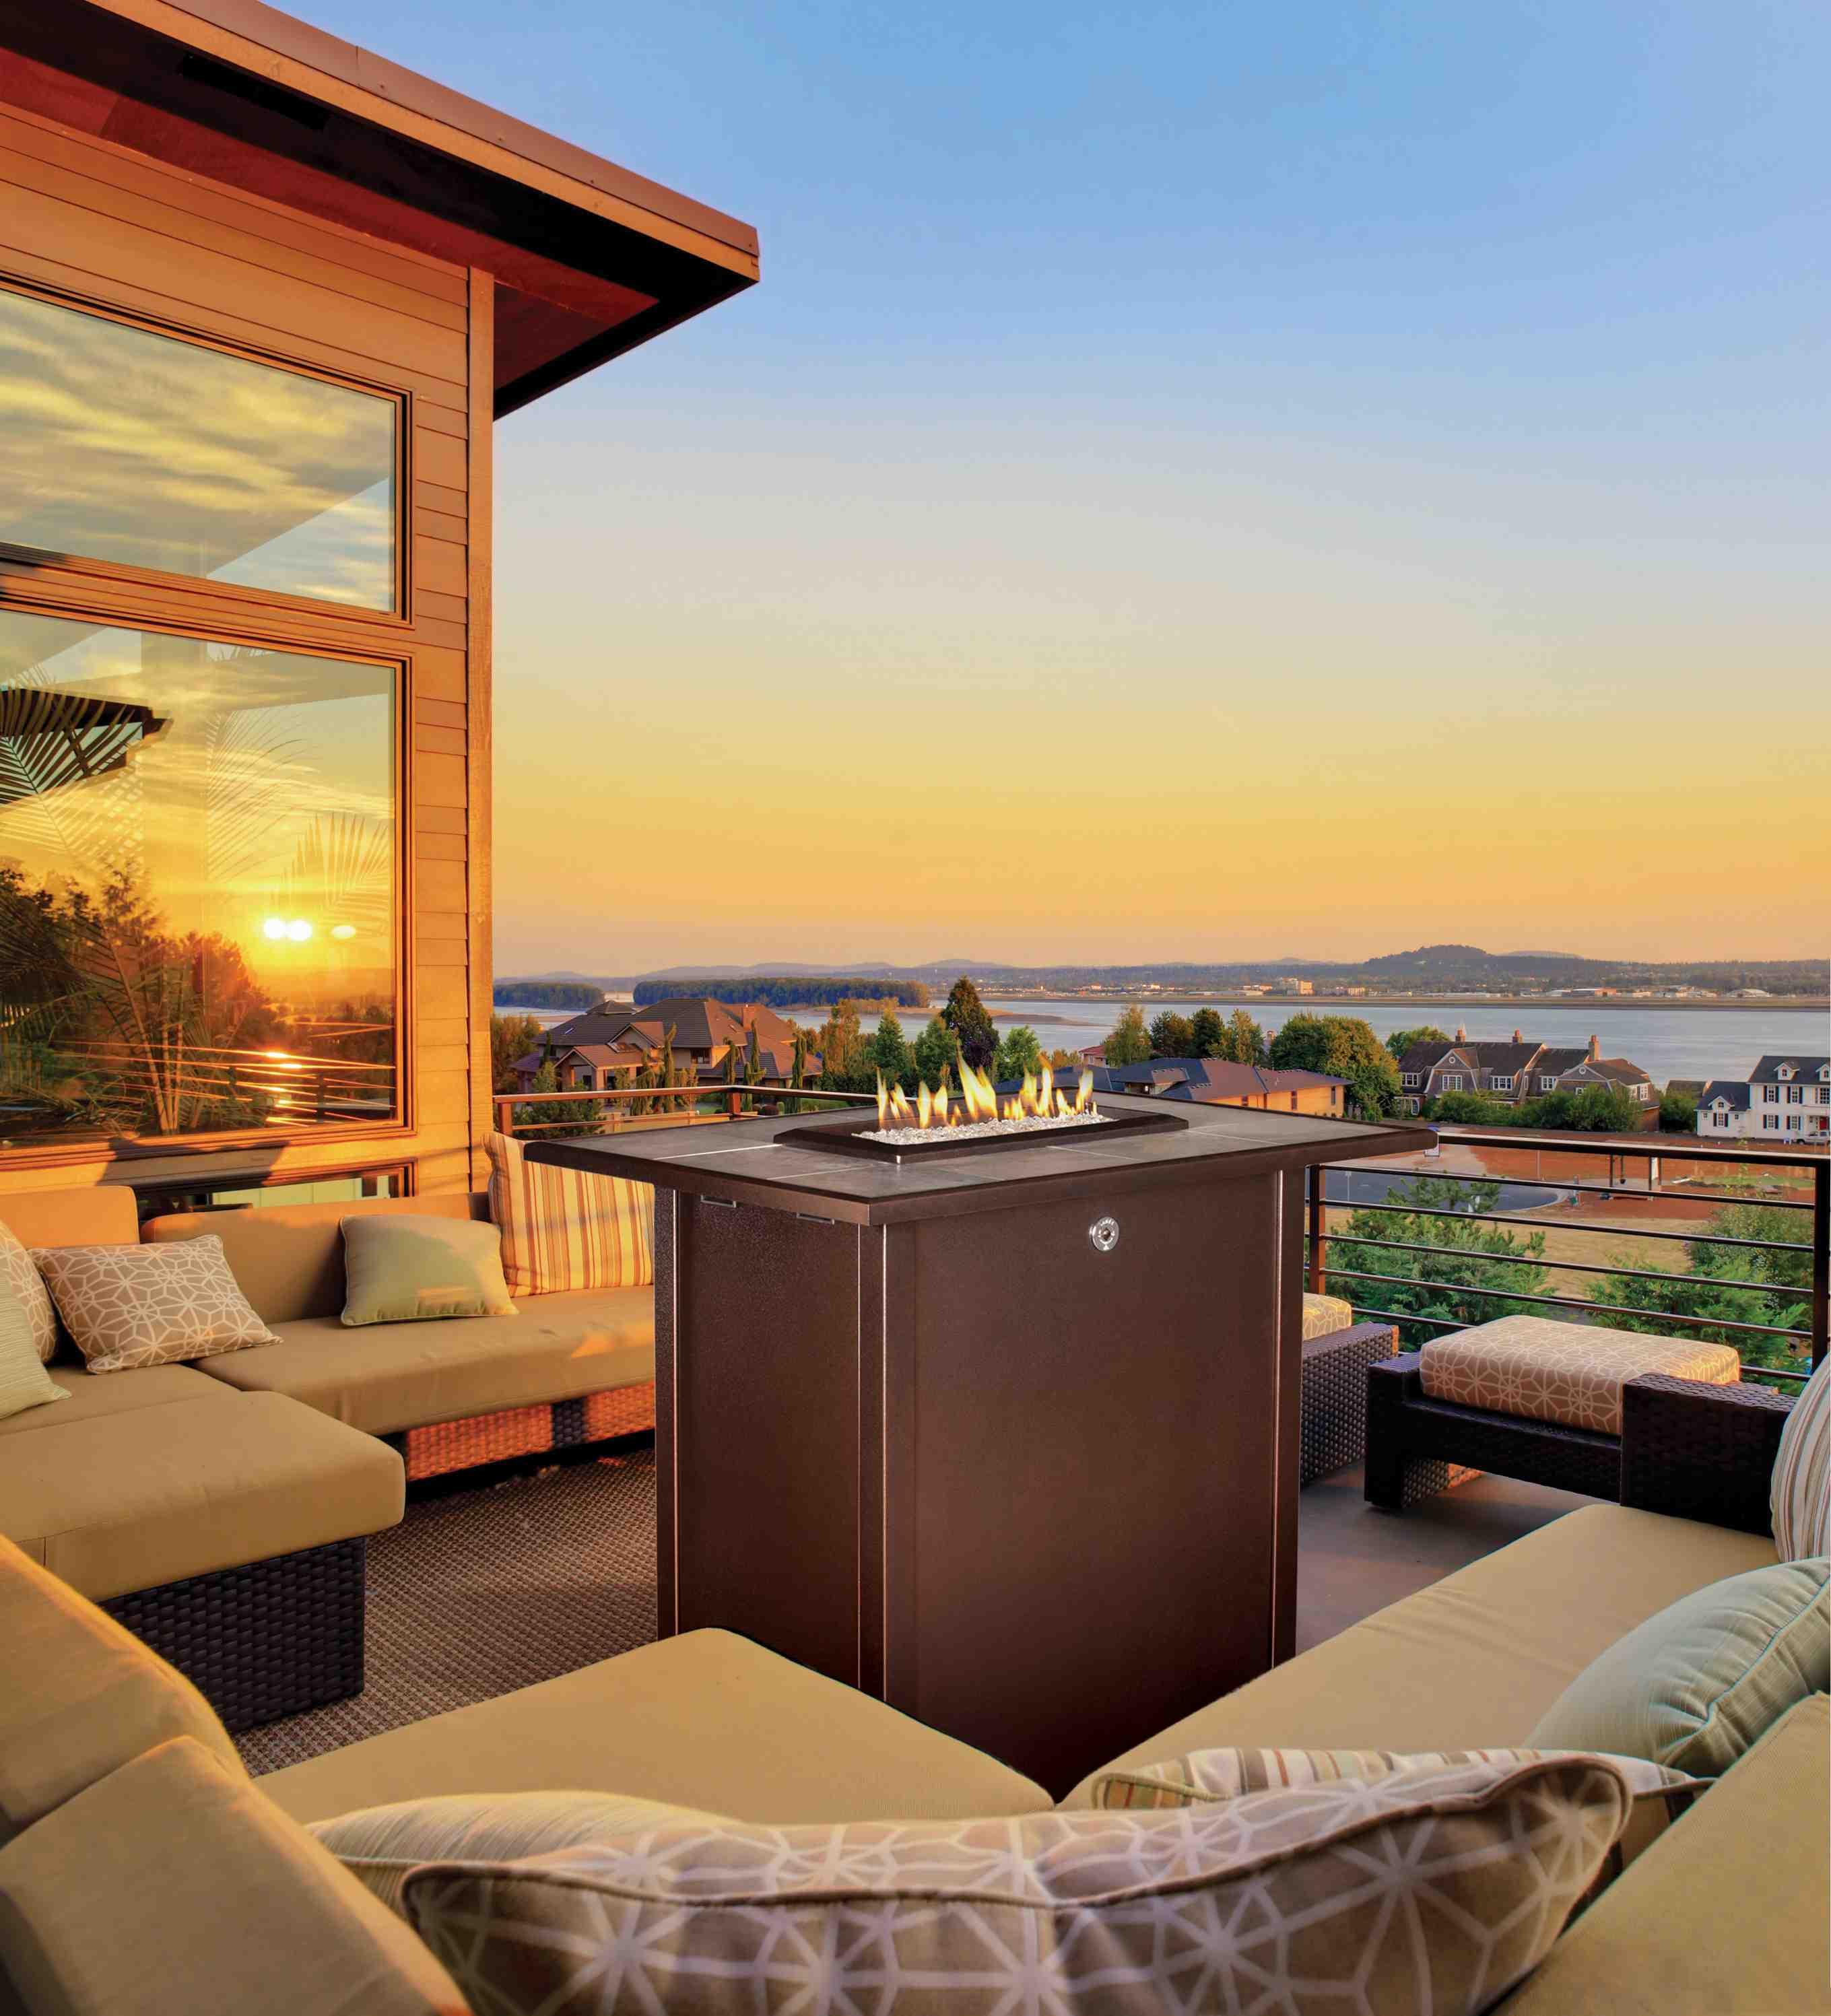 coffee fireplace outdoor inspirational image table of rascalartsnyc